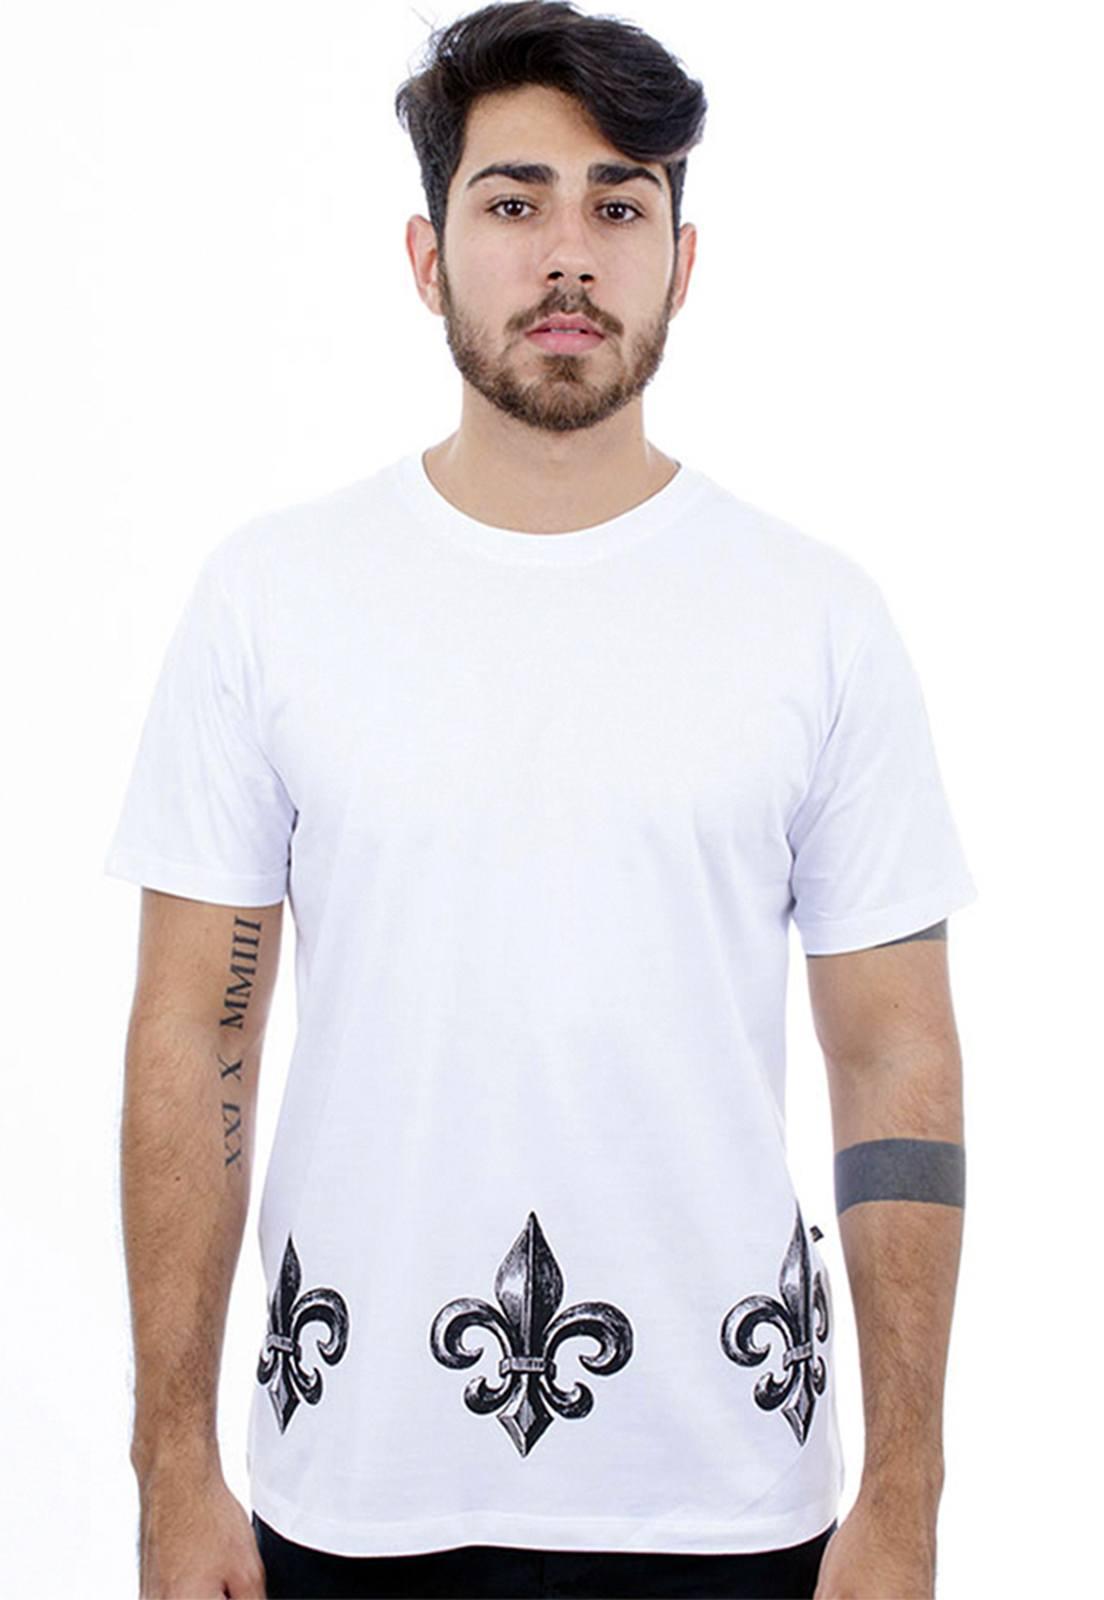 Camiseta masculina branca Flor De Lis - 100% algodão - Hardivision